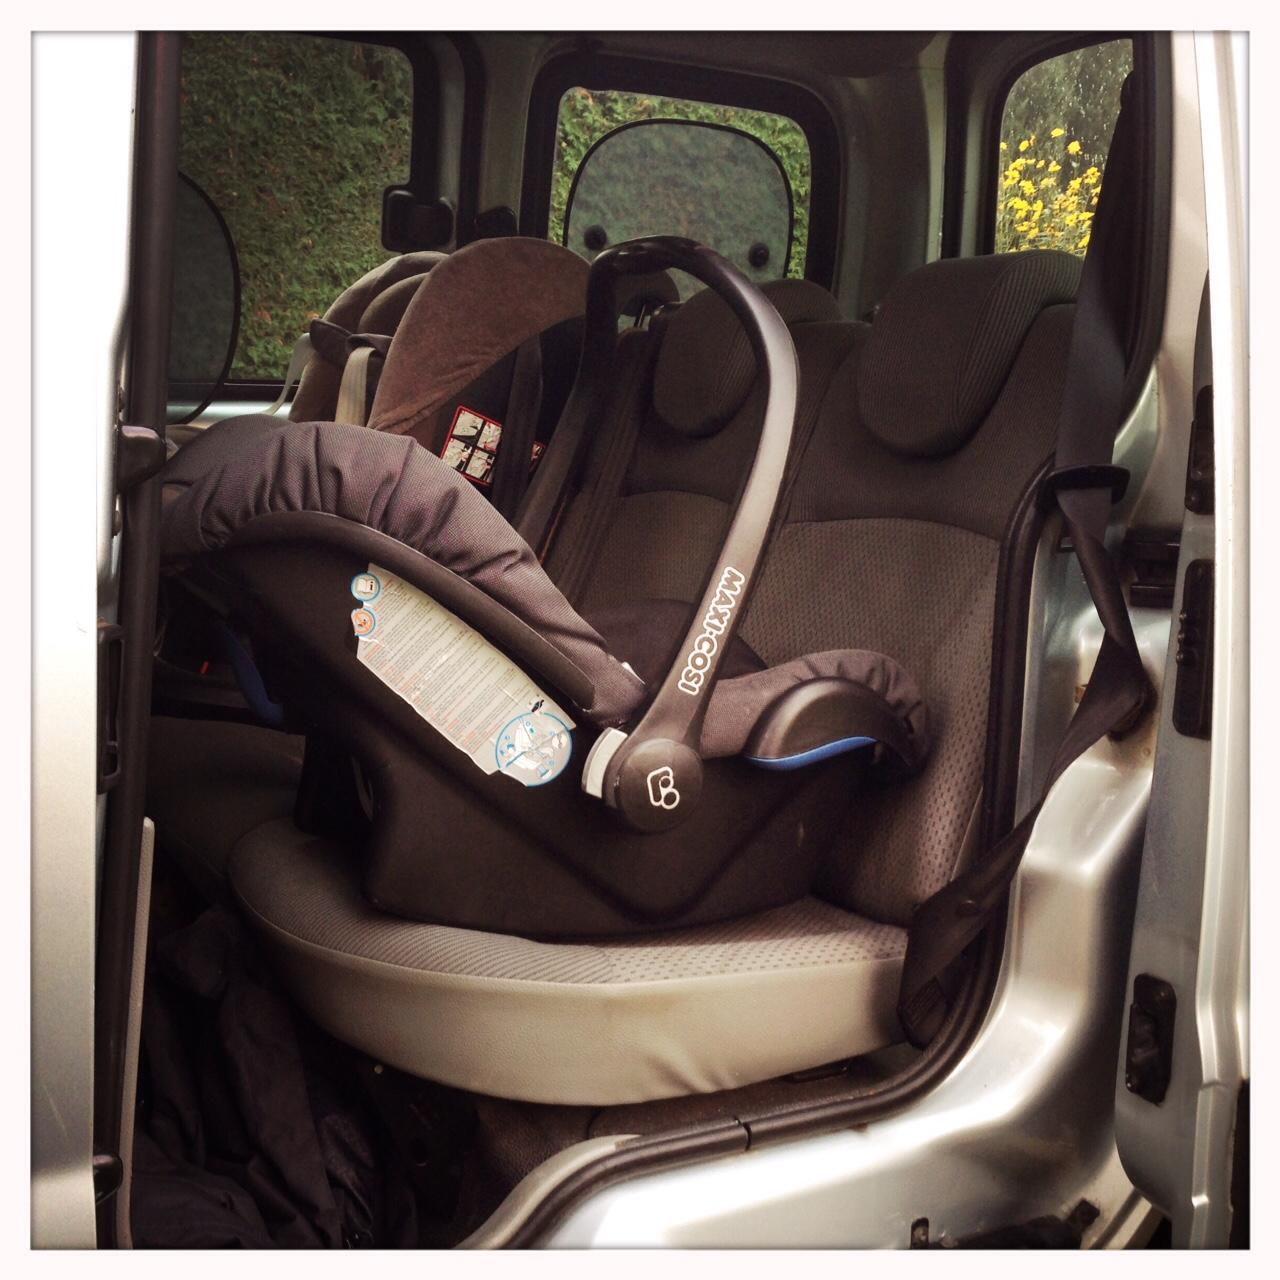 Maxi Cosi im Auto